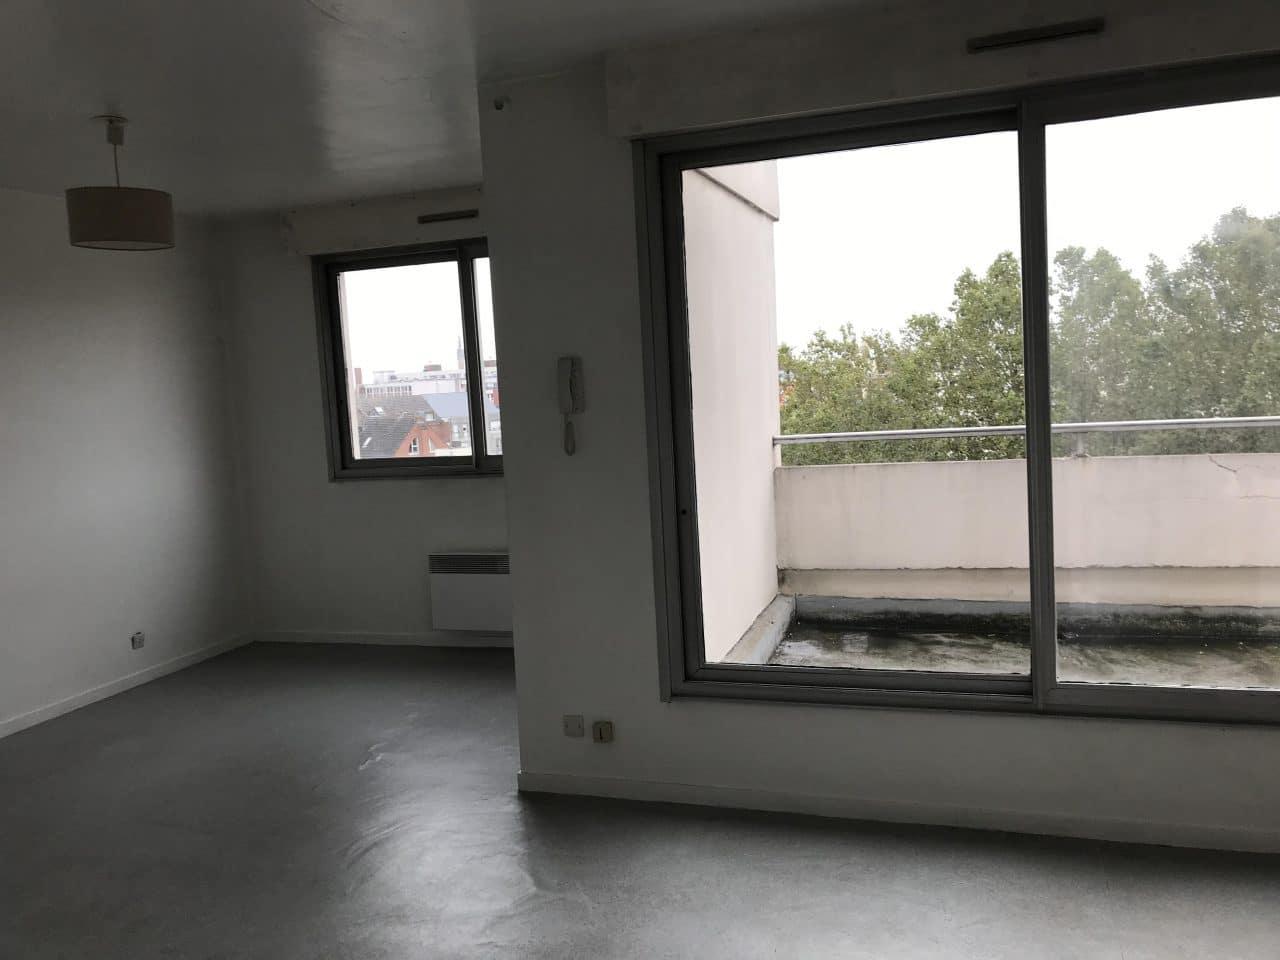 rénovation d'appartement locatif à Lille Saint-Maurice - avant travaux